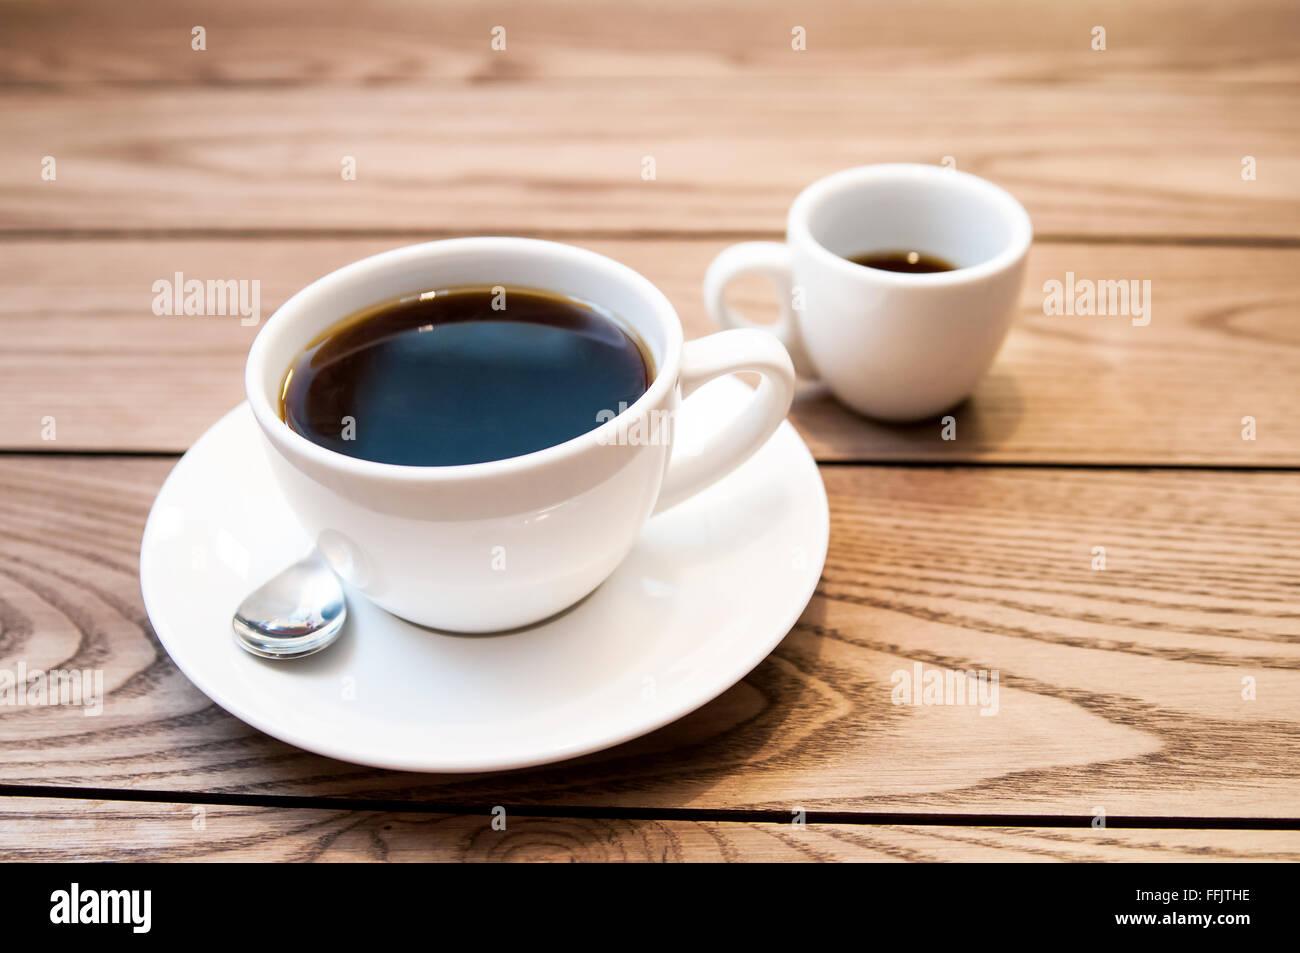 Americano sobre una tabla de madera, espresso Imagen De Stock